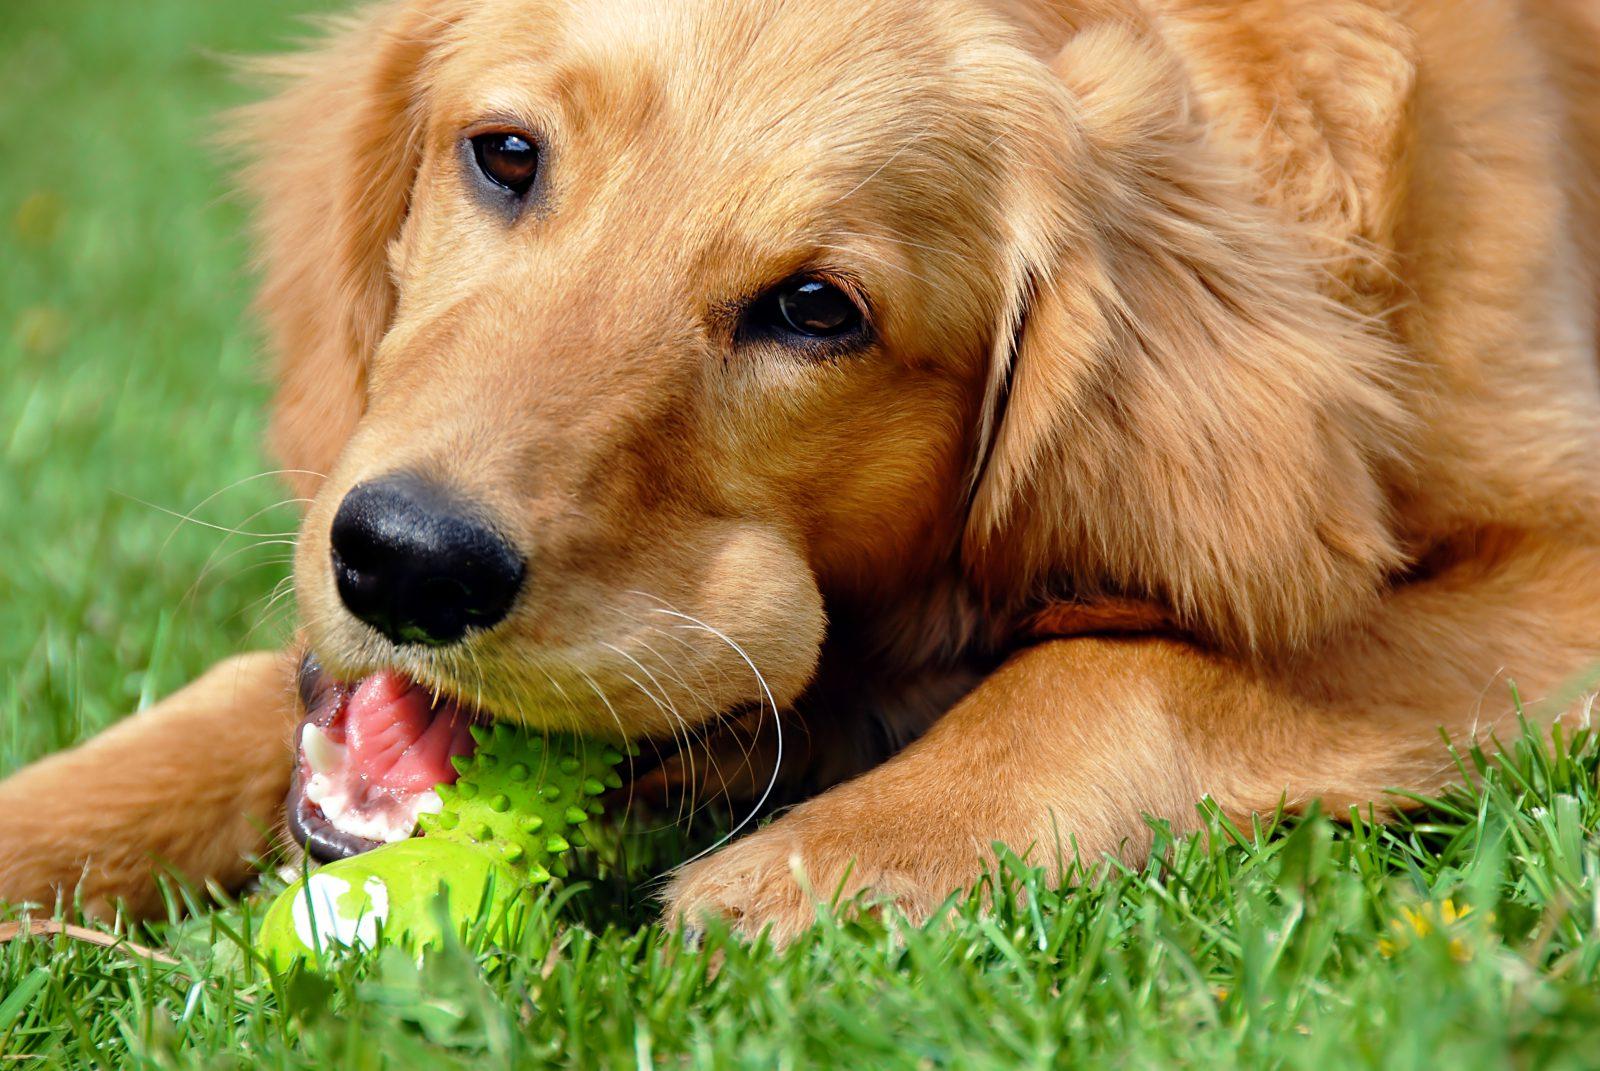 Brinquedos para cachorros: Golden retriever roendo um brinquedo de mastigar no gramado.